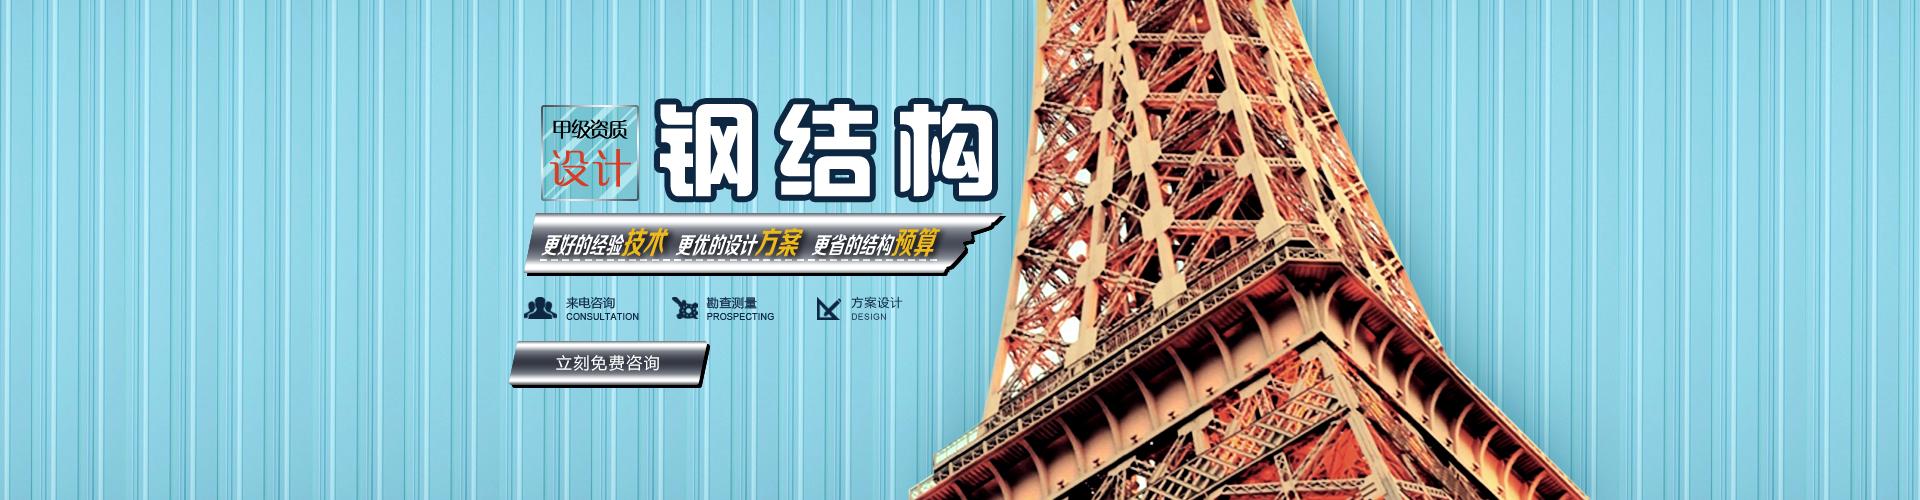 集团简介 brief introduction 建研(北京)北京抗震工程结构设计事务所公司成立于2003年06月,凭借自身的技术优势,相继完成了数以千计的工程设计、分析、试验检测和鉴定、加固设计、加固改造施工任务。现公司致力于发展房屋综合加固改造、房建装饰业务,包括检测鉴定、综合改造设计、综合改造、楼宇装饰设计等业务。 北京中研中建工程技术有限公司是一家从事建筑物的结构检测鉴定、加固设计、加固施工、钢结构施工、混凝土切割拆除施工以结构为主的综合技术服务性企业,公司具有建设部颁发的各专业资质,拥有多名